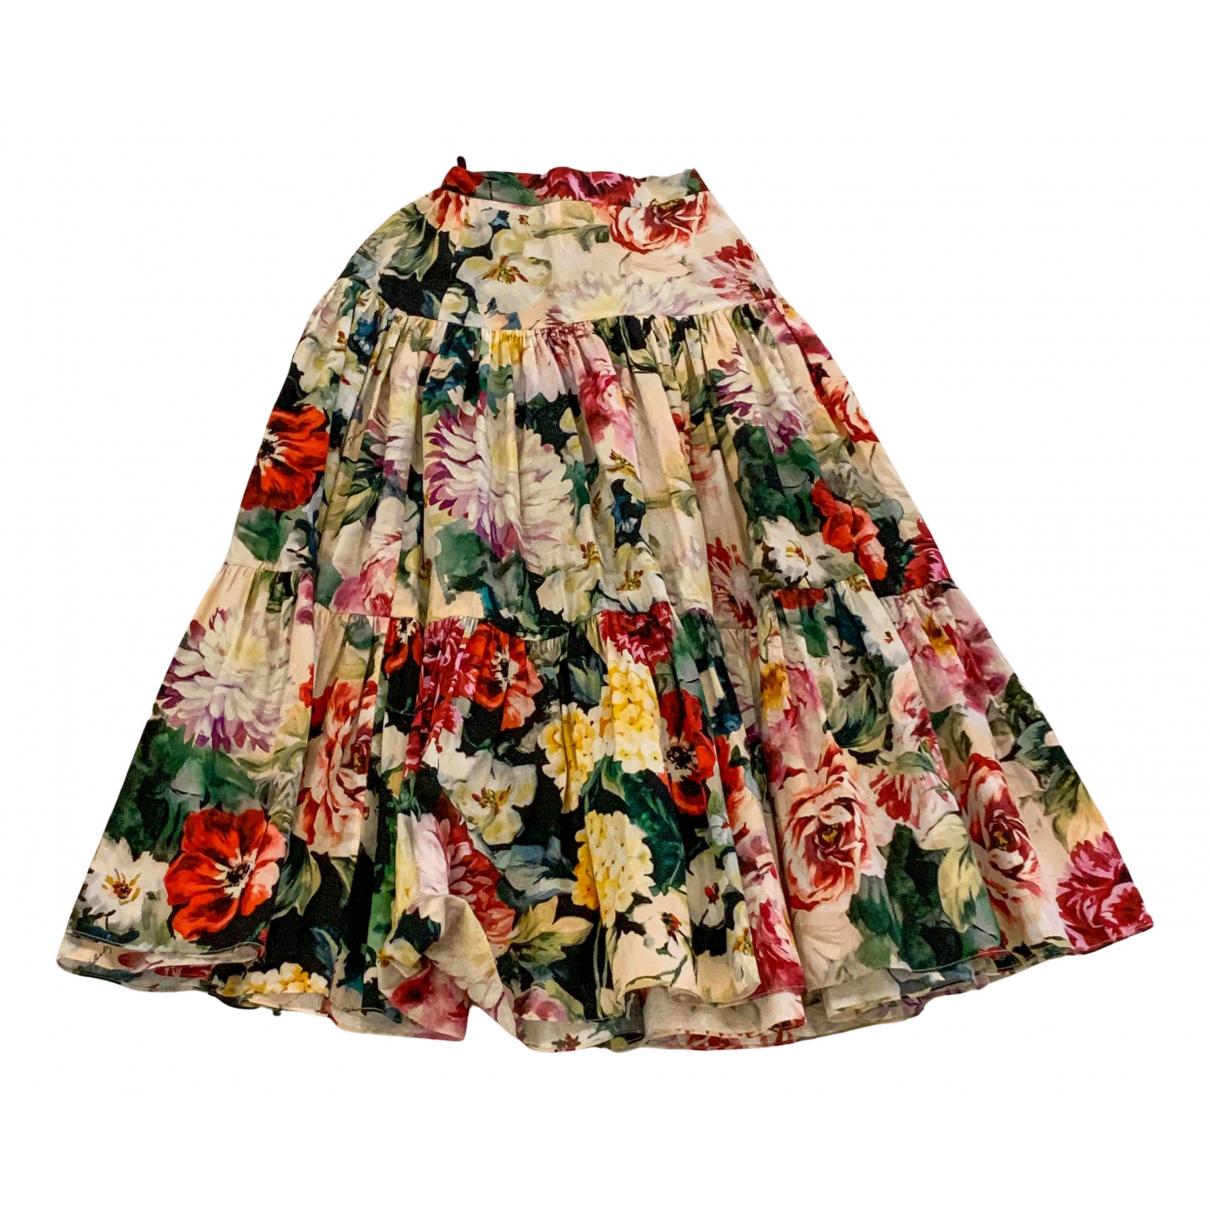 Falda maxi Dolce & Gabbana